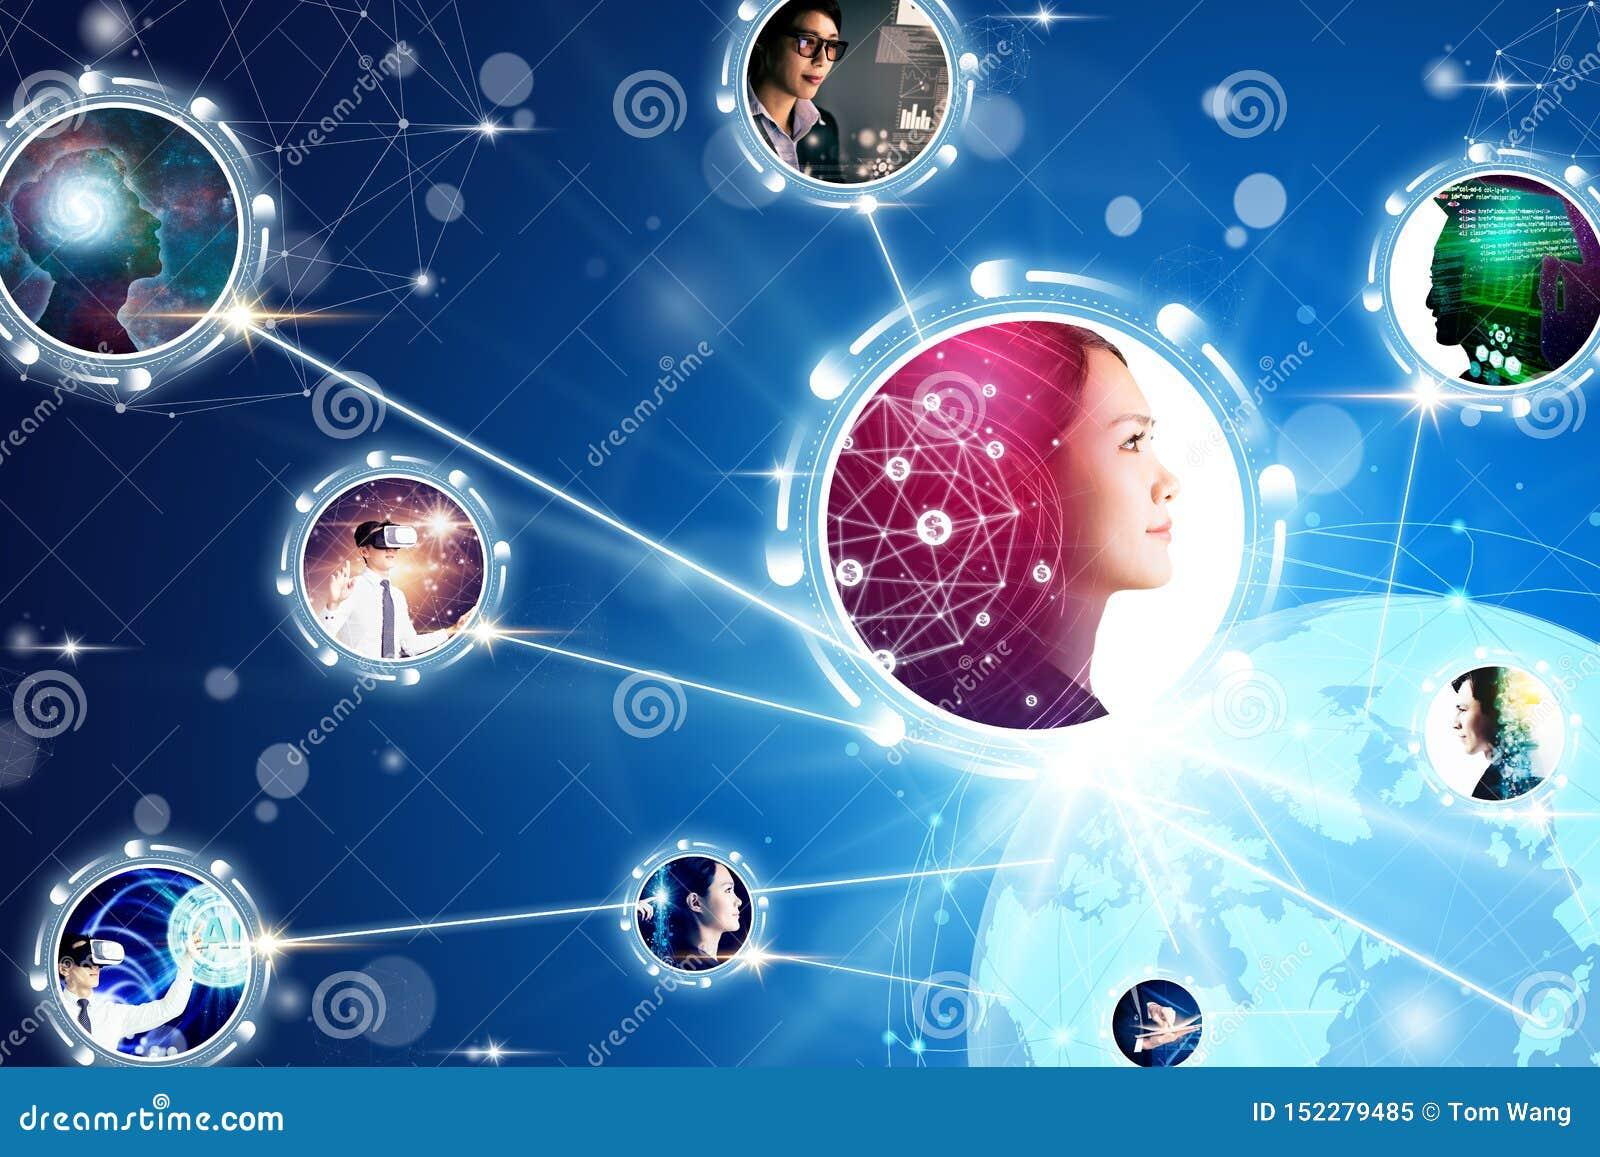 Komunikacji biznesowej i technologii pojęcia